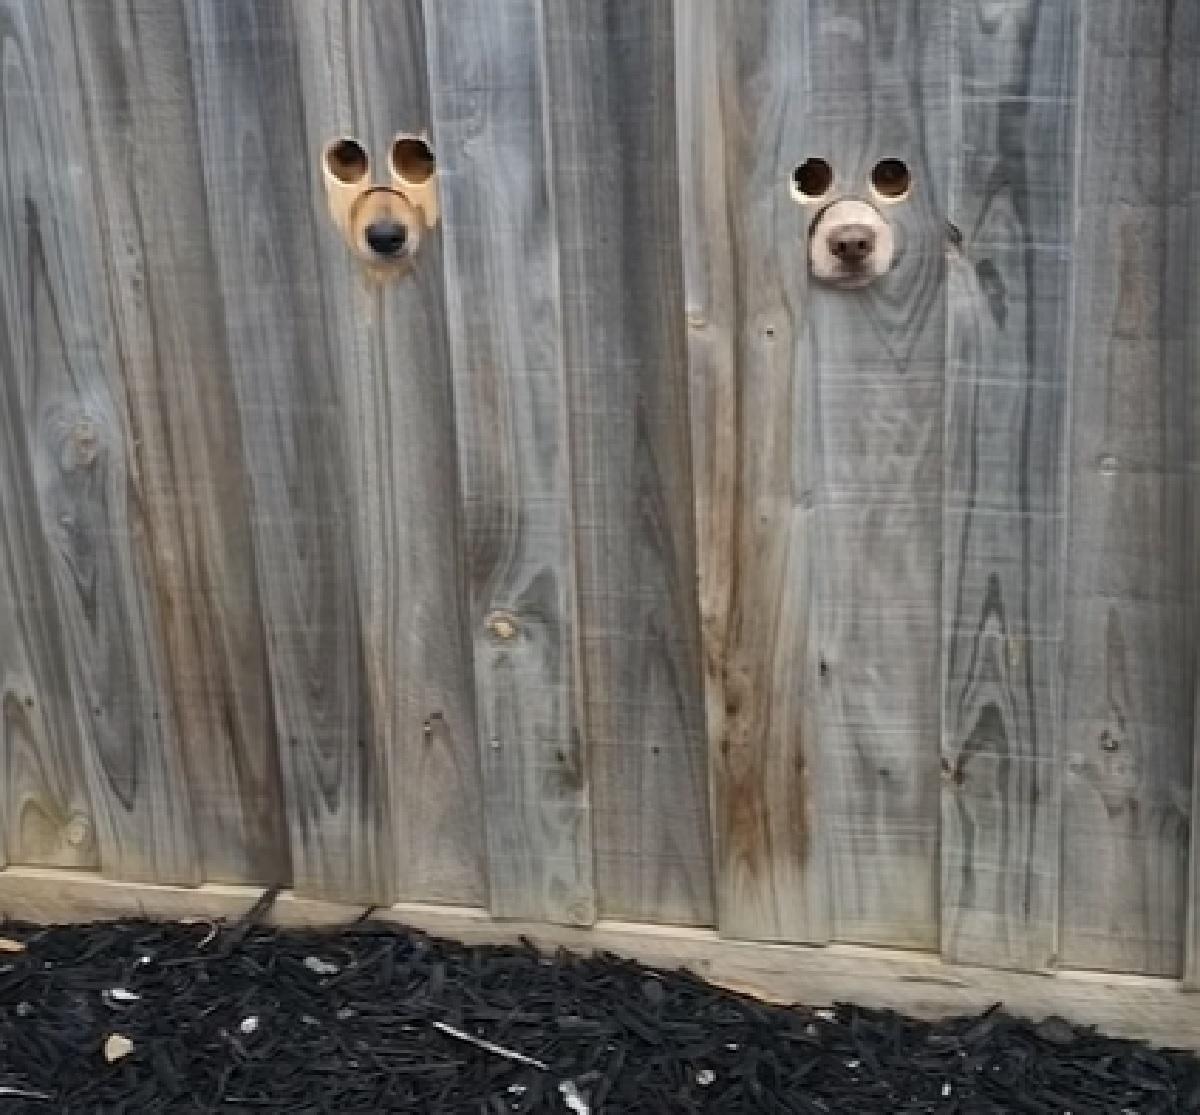 mamma ritorna lavoro si sente osservata cuccioli